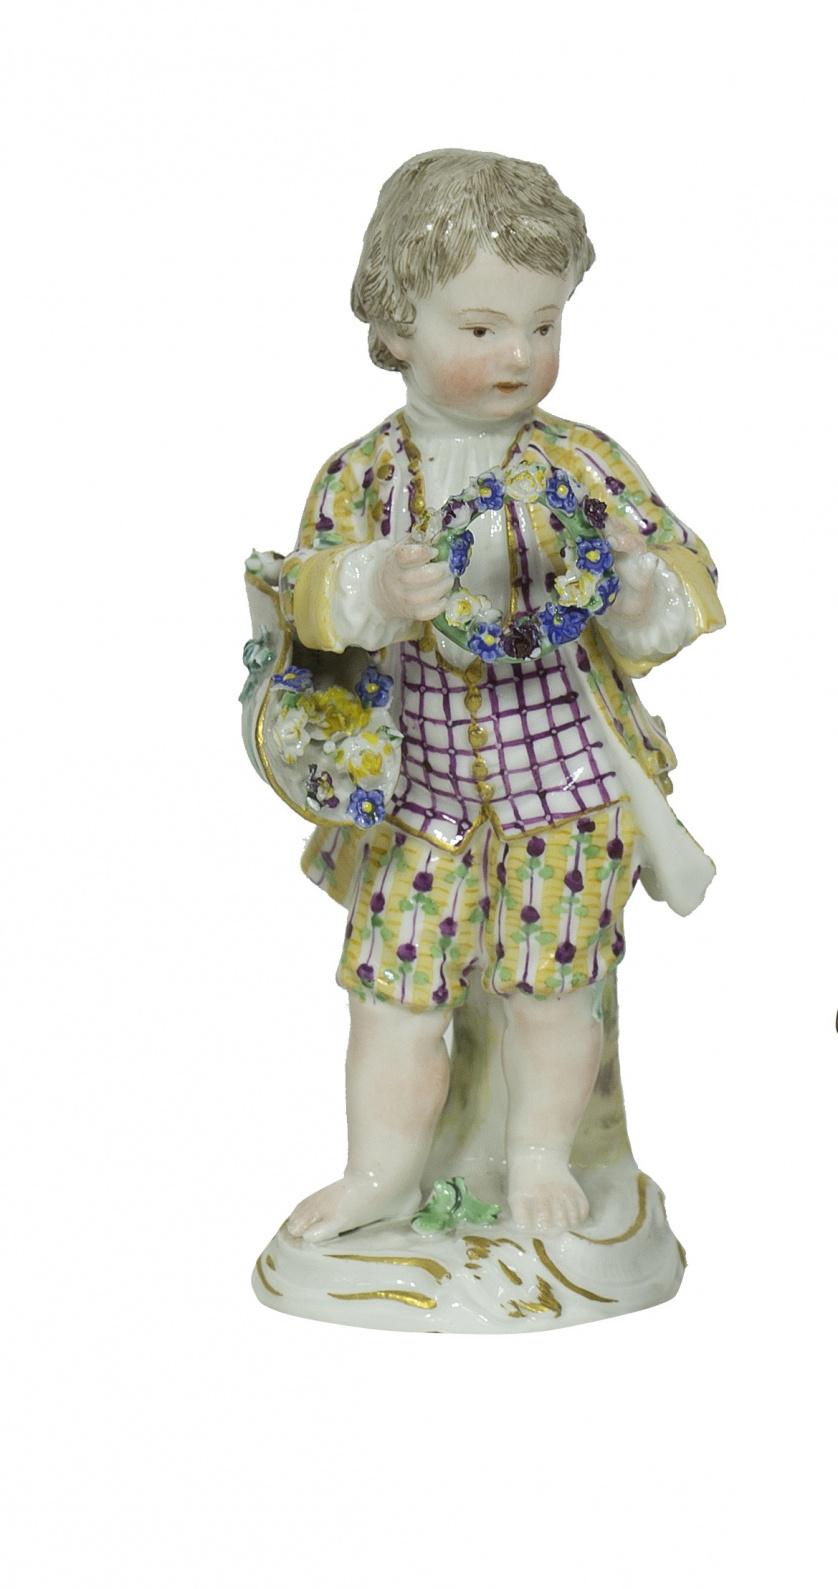 Niño con orla de flores y cesto.Samson, S. XIX